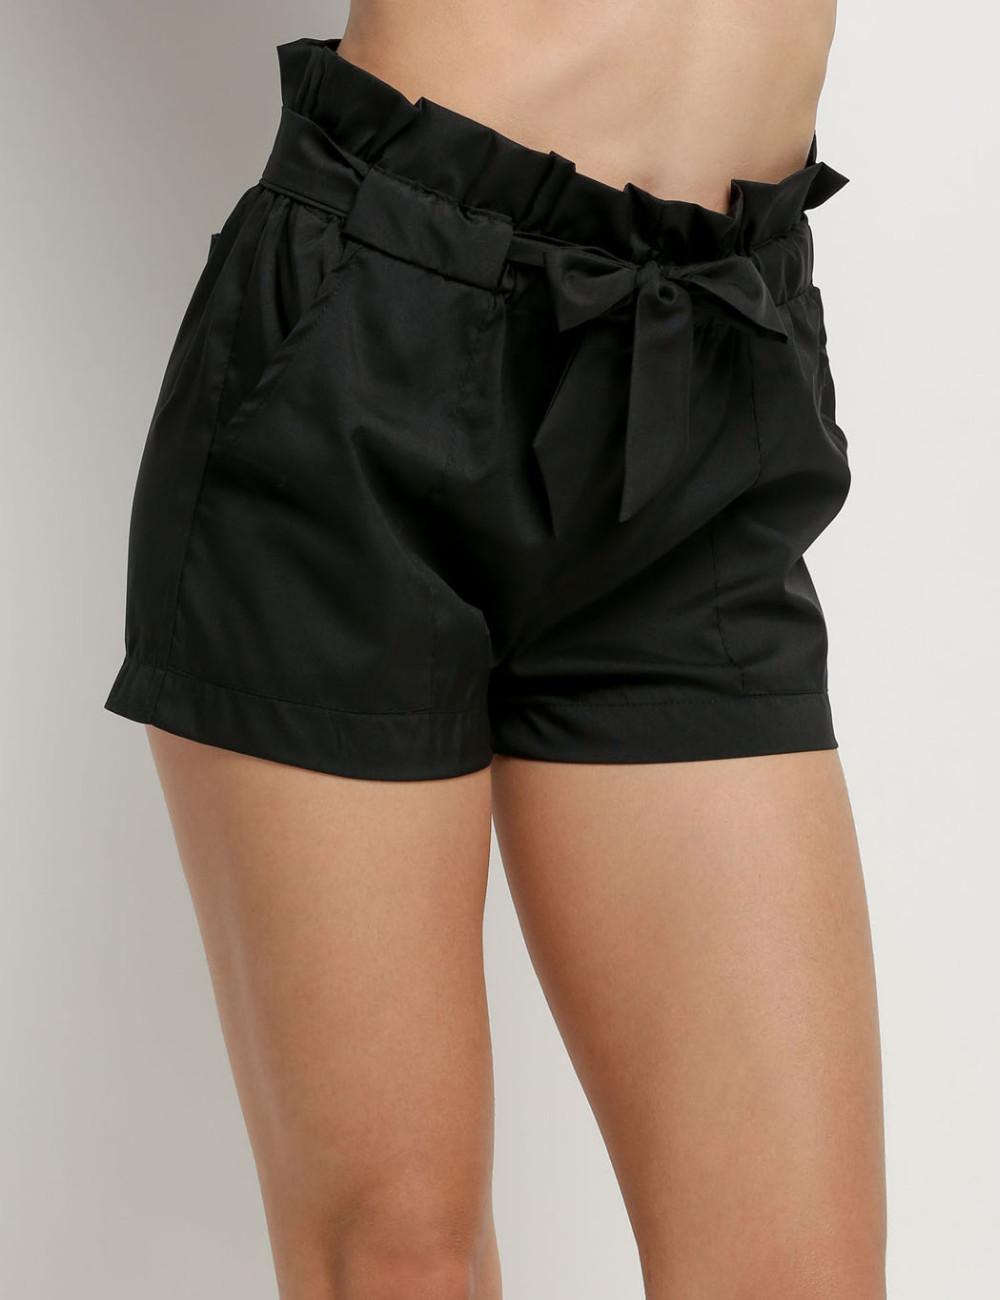 HTB15i3ONFXXXXcrXpXXq6xXFXXX1 - High Waist Shorts Loose Shorts With Belt Woman PTC 59